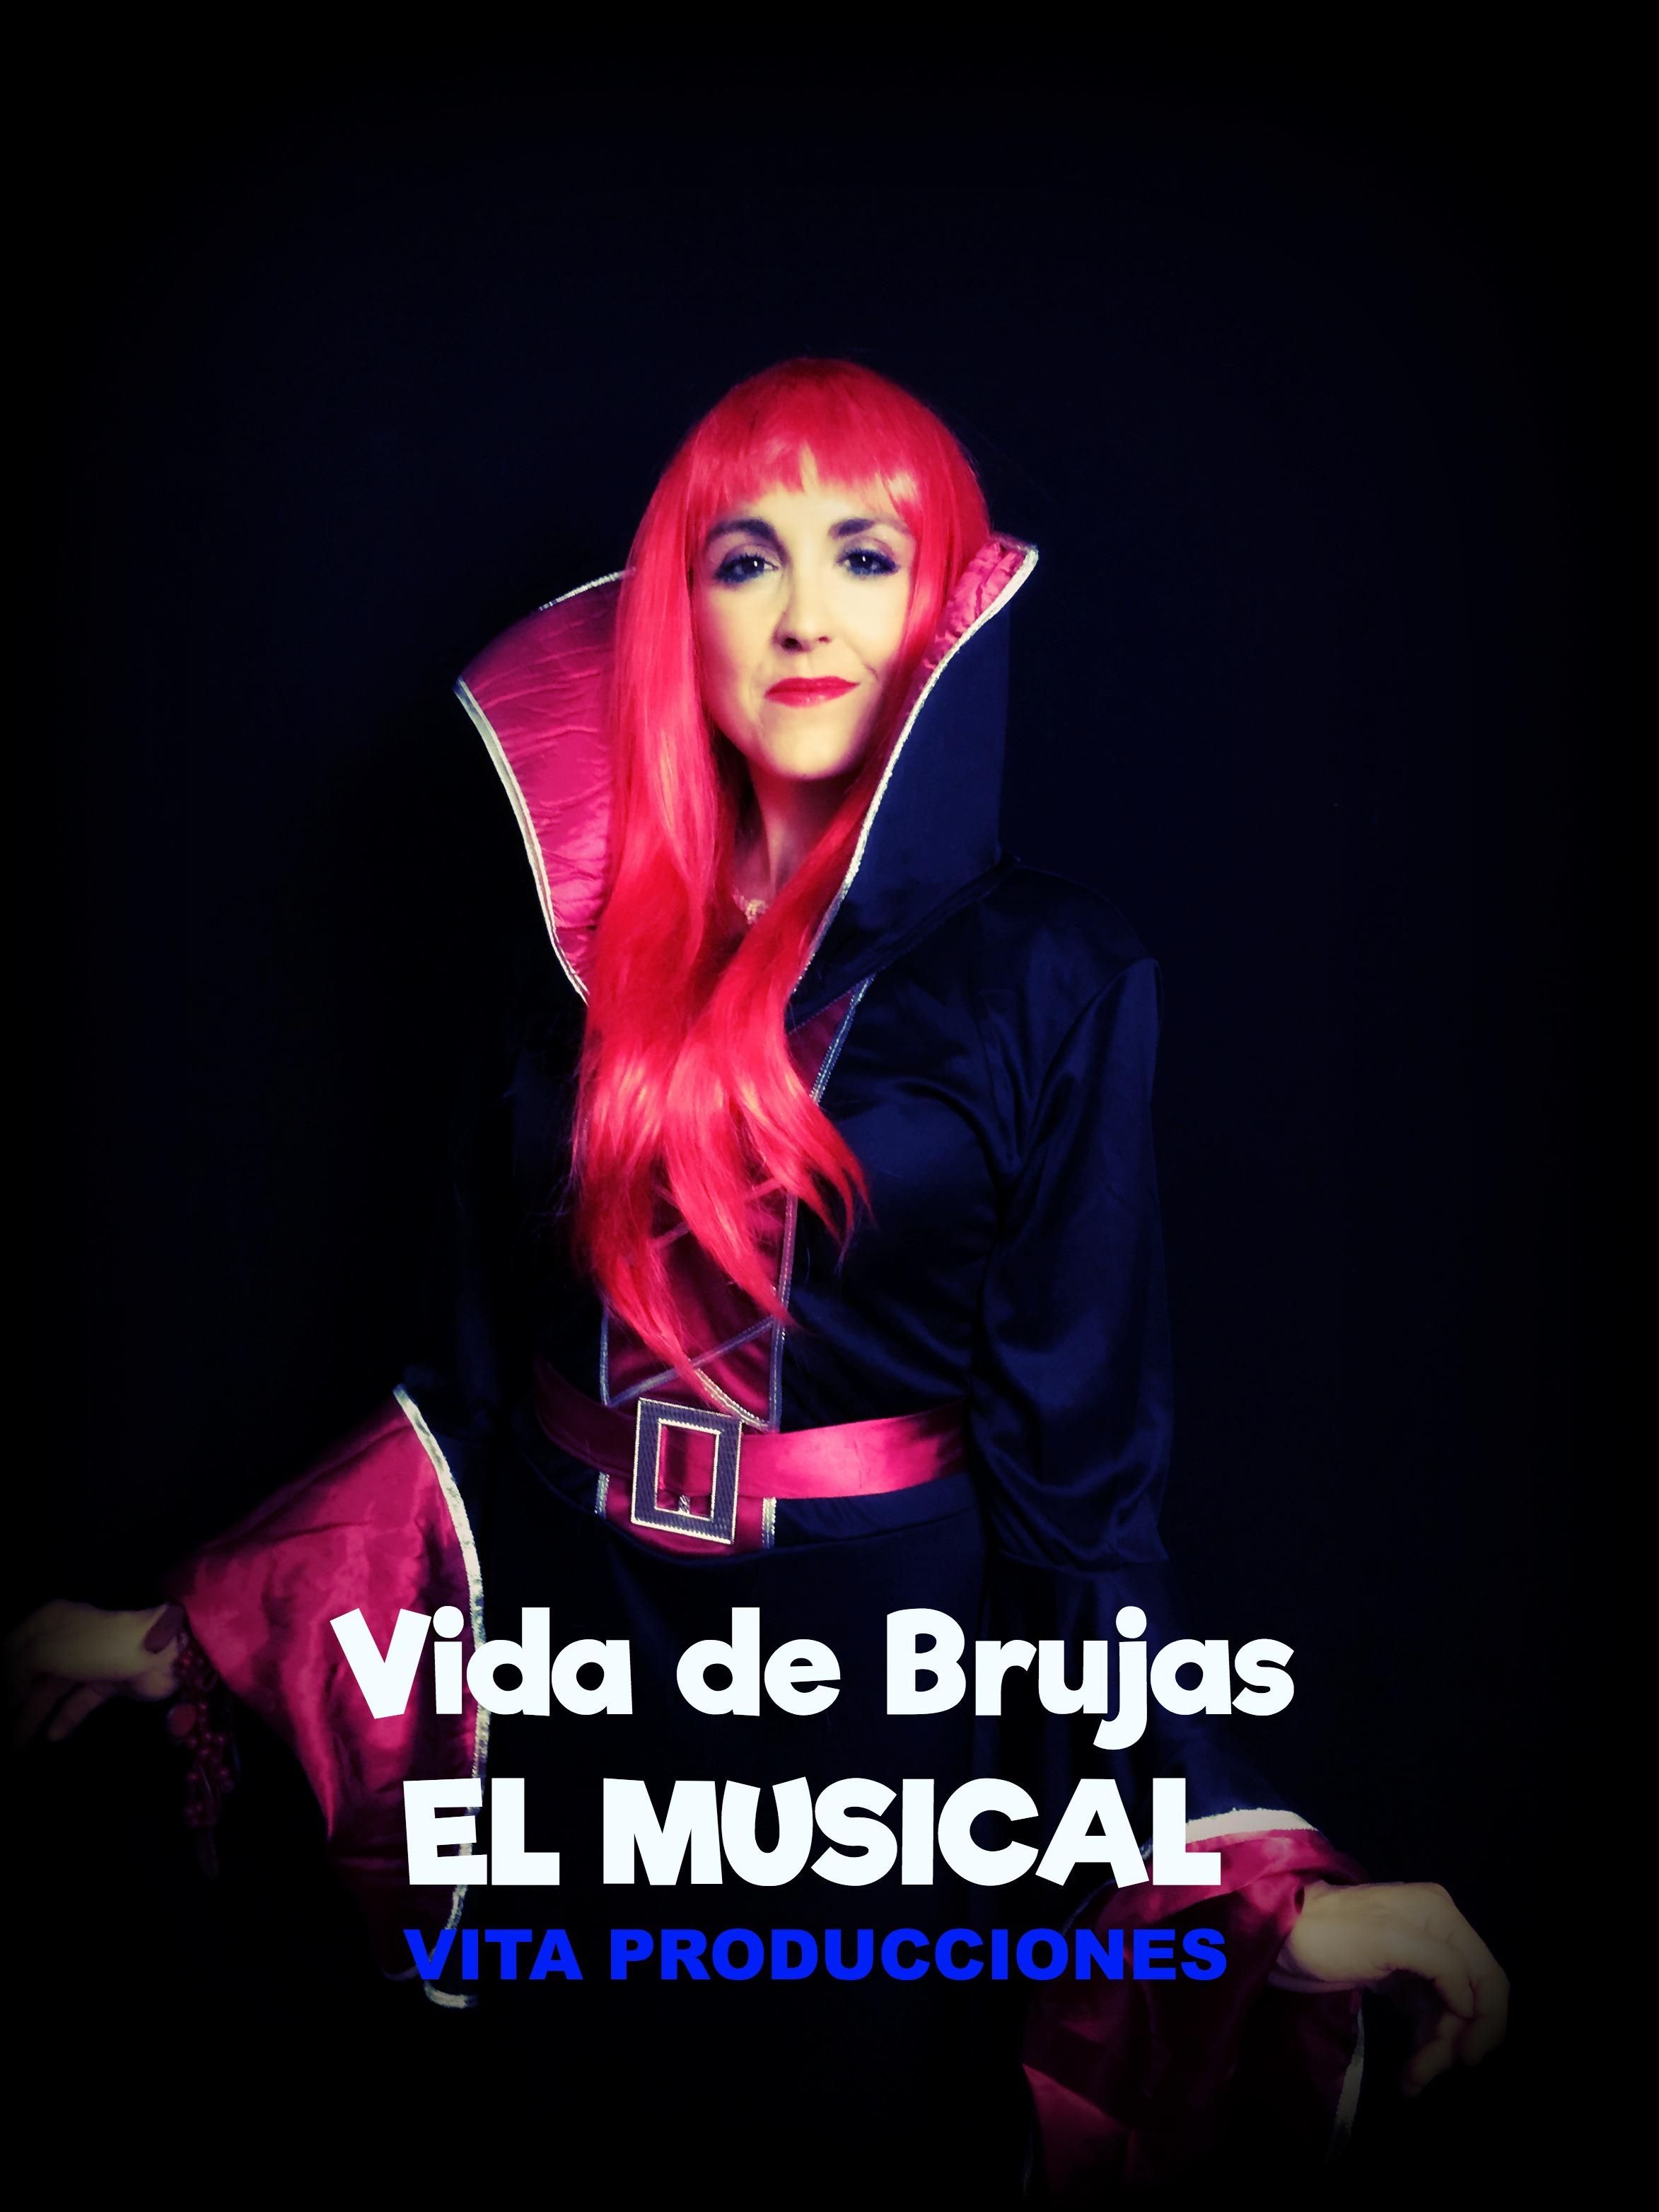 Vida de Brujas EL MUSICAL